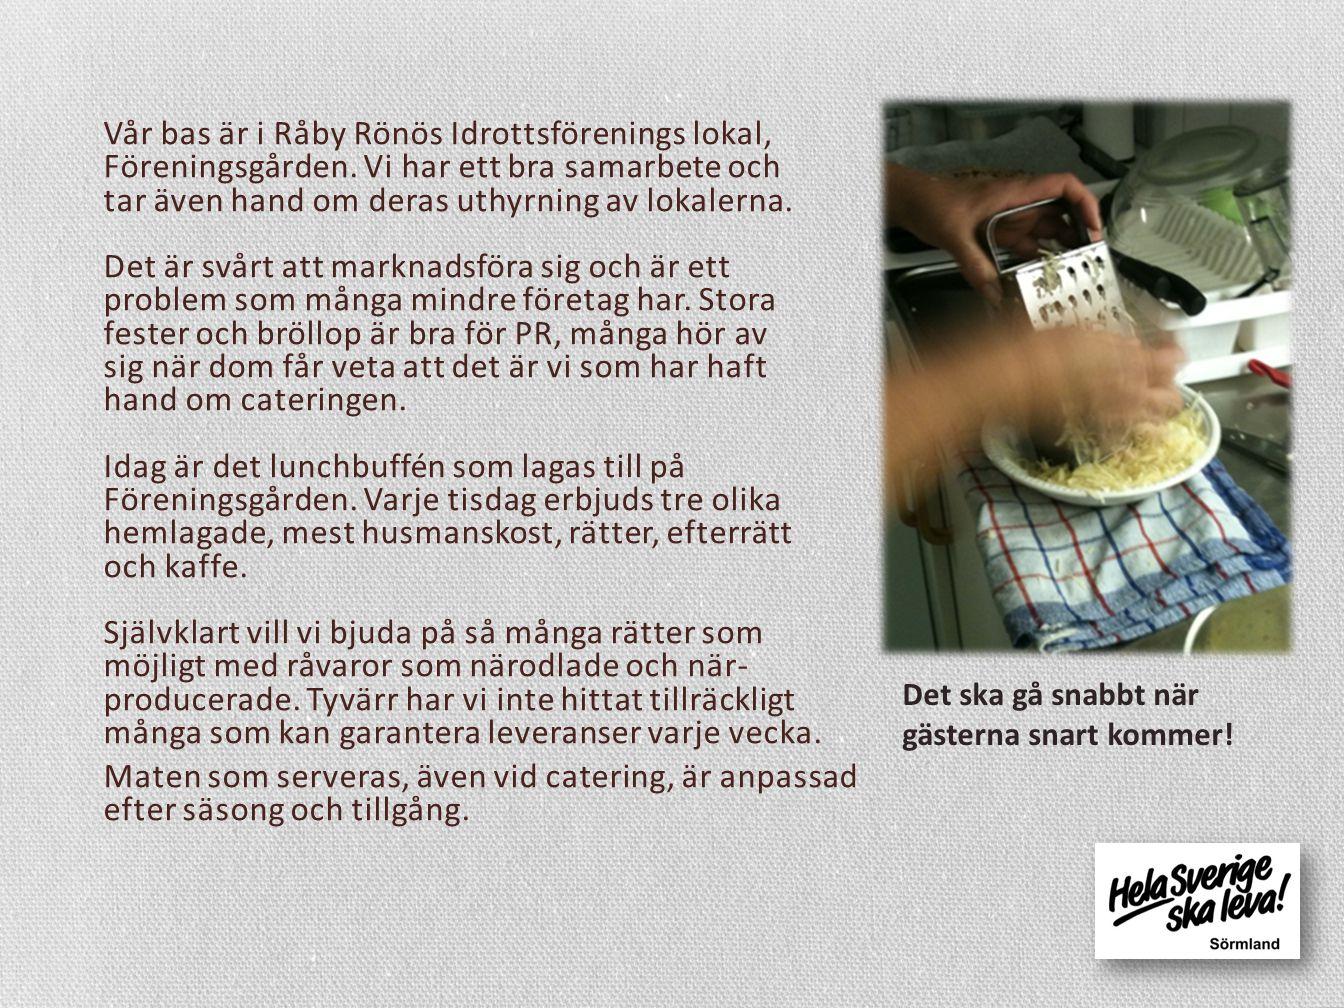 Vår bas är i Råby Rönös Idrottsförenings lokal, Föreningsgården.